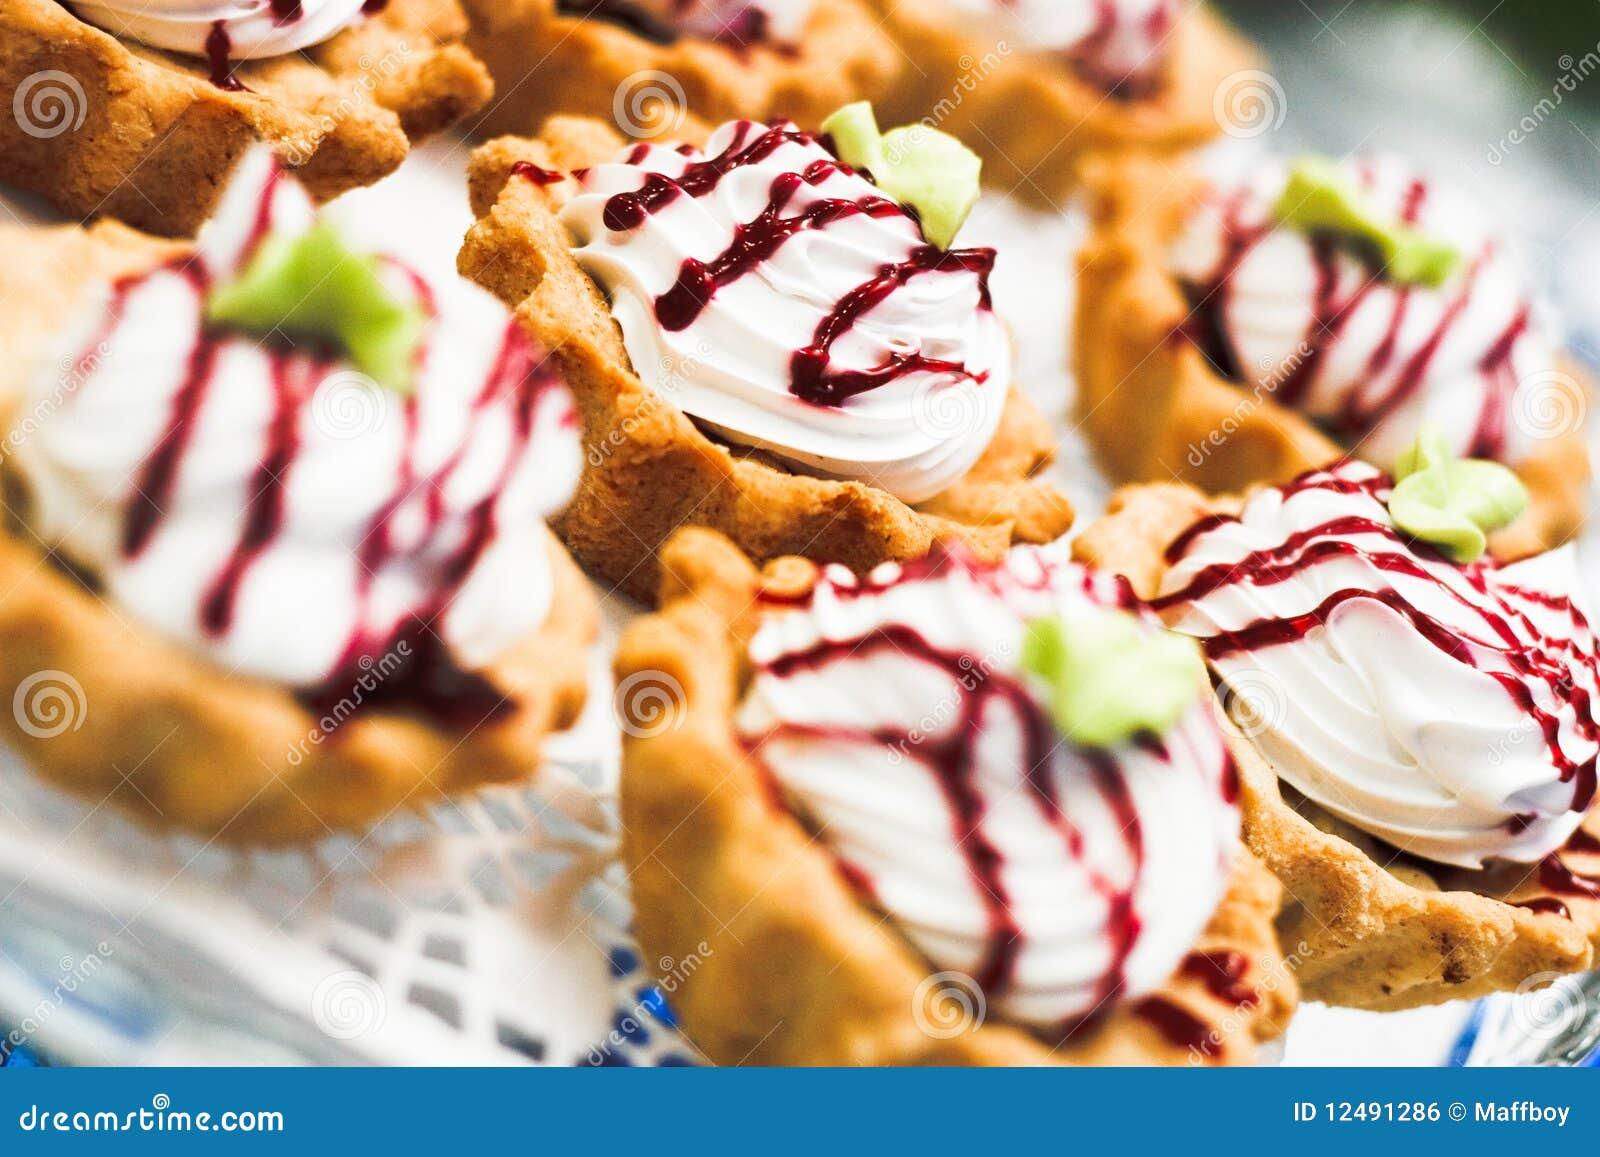 2 kremowy deser